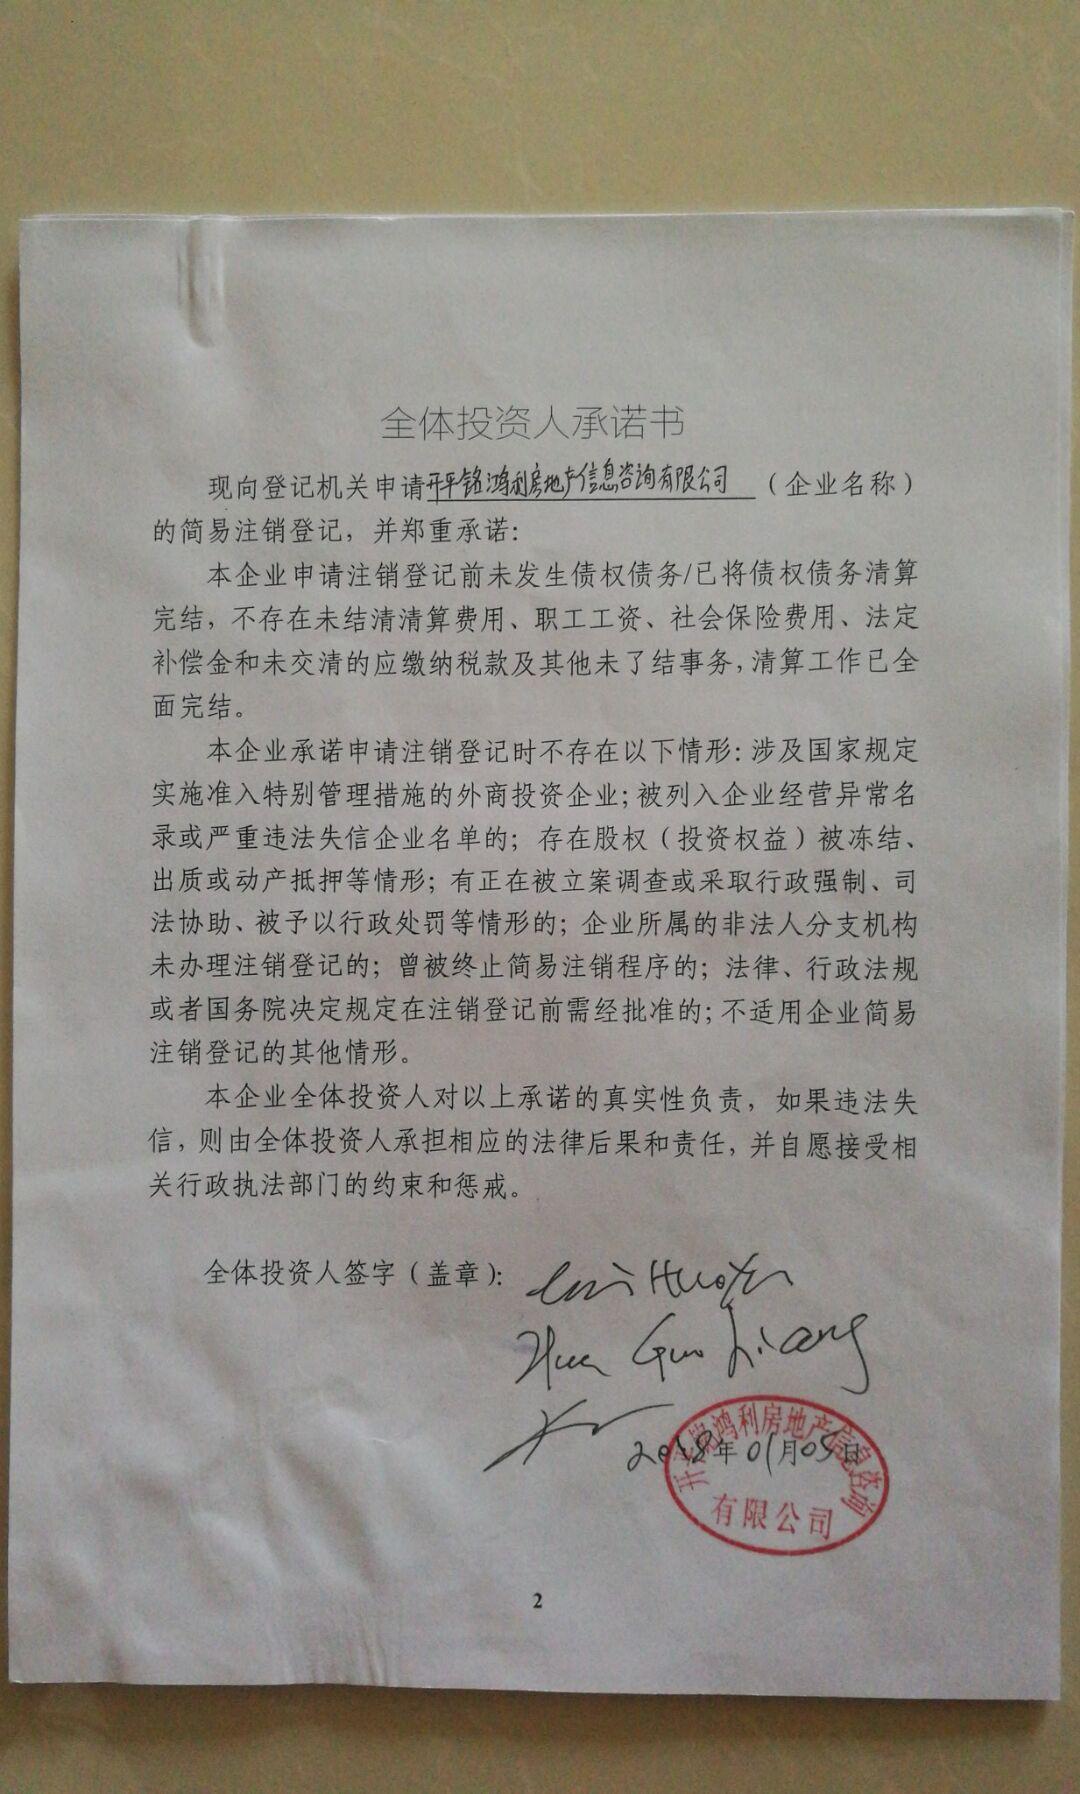 中国保险监督管理委员会 > 办事服务 > 备案产品查询